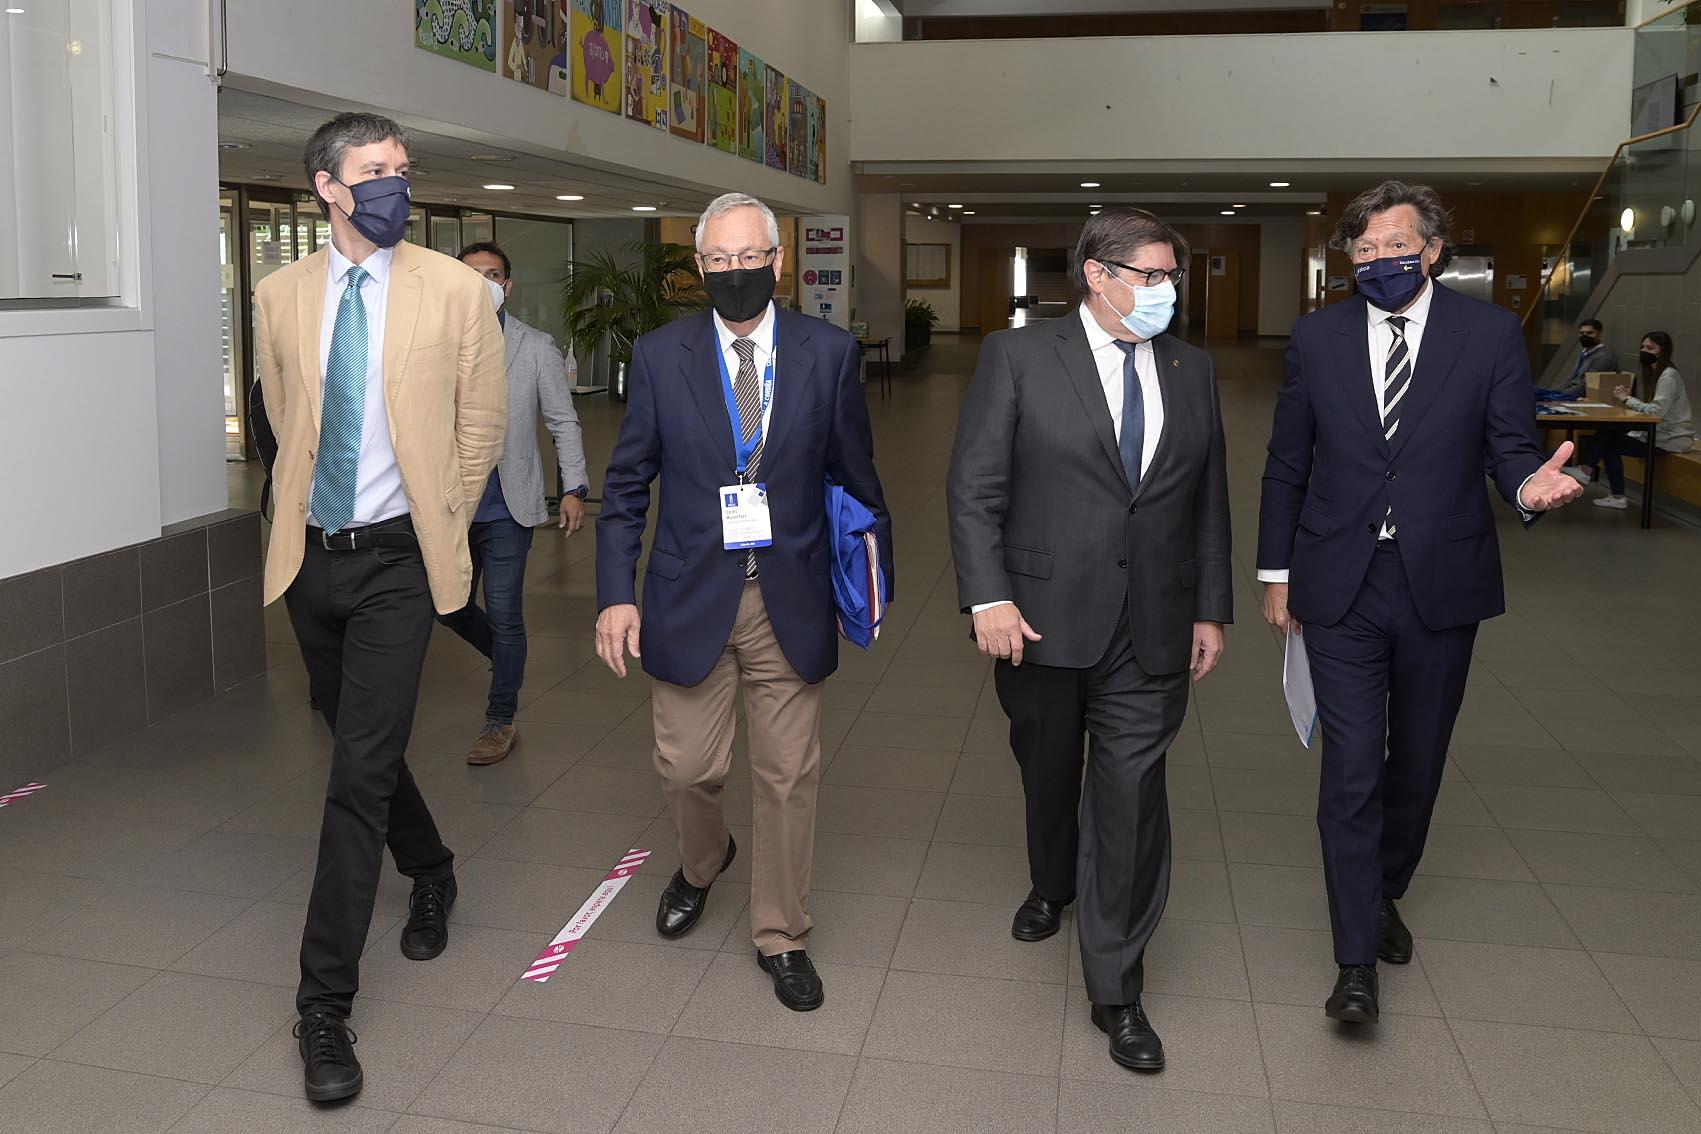 O secretario xeral para o Deporte, José Ramón Lete Lasa, inaugurará o XI Congreso Iberoamericano de Economía do Deporte na Facultade de Economía e Empresa / XUNTA